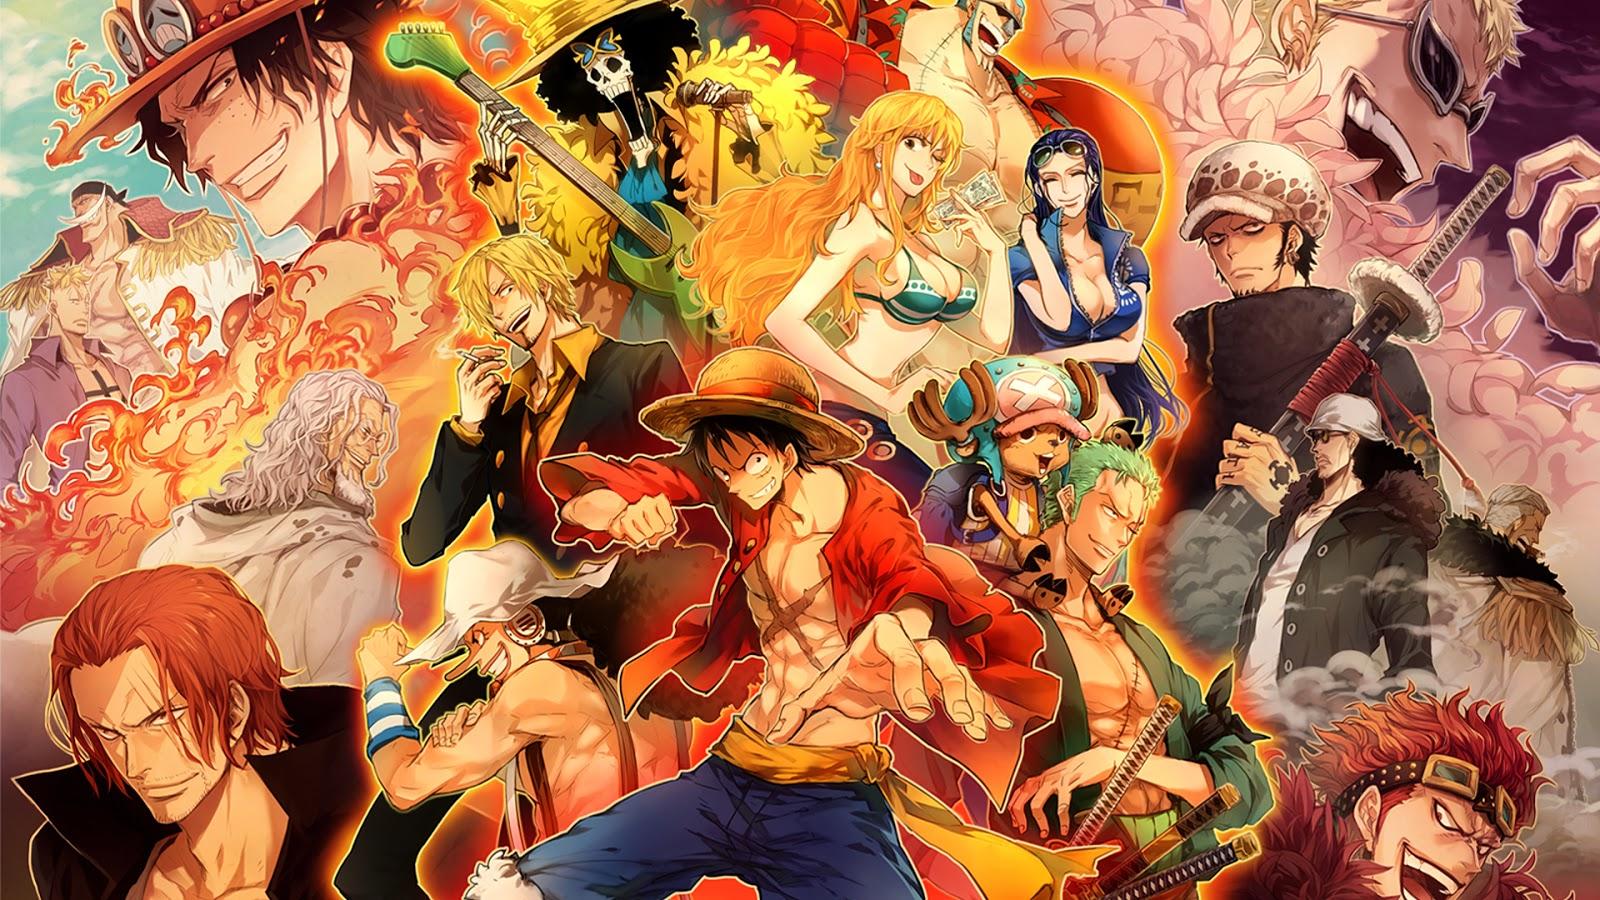 Download Atau Nonton One Piece Online Episode 751 800